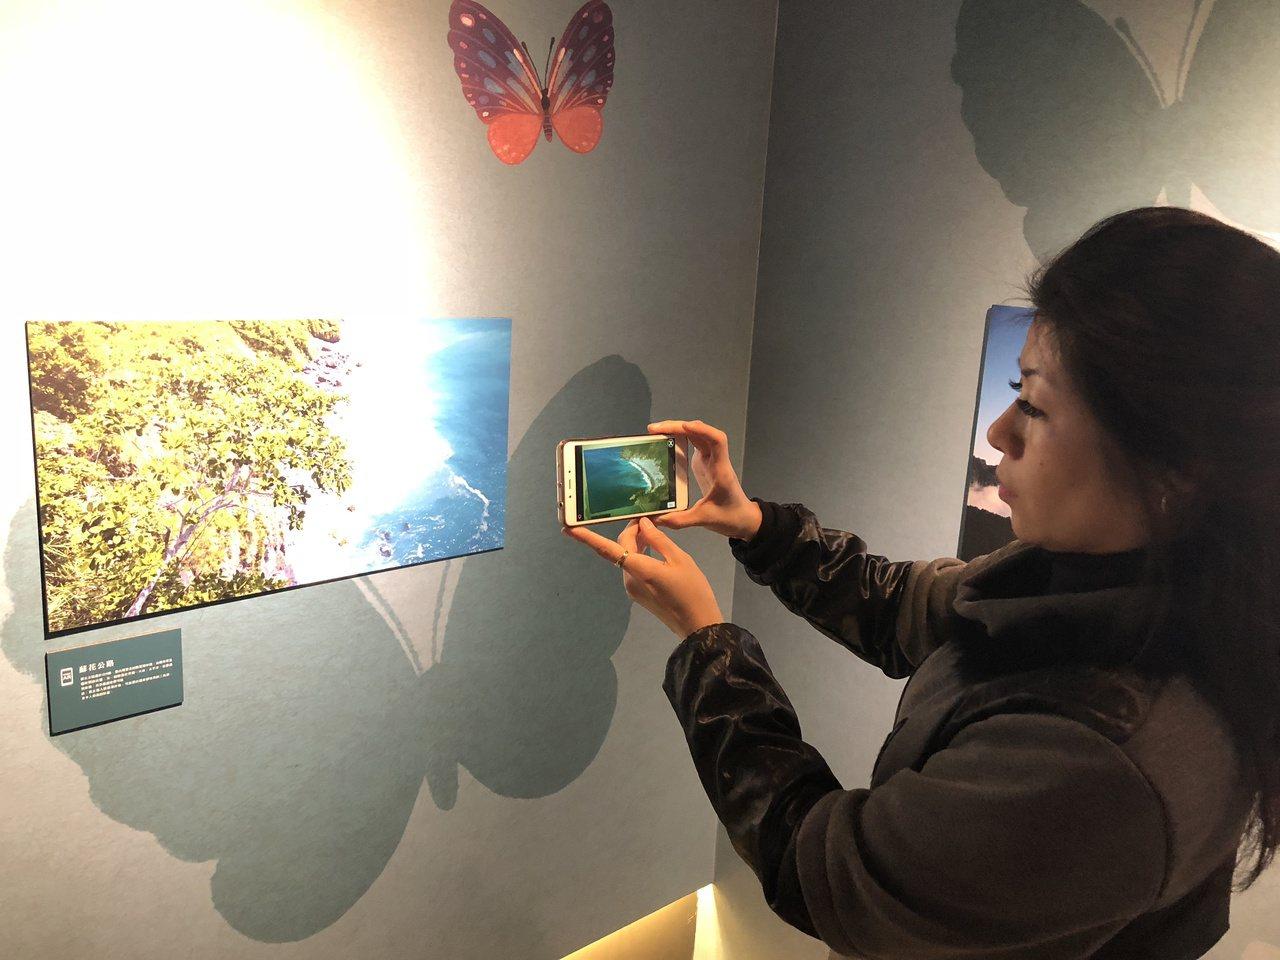 「頑石未來城」展演空間首度上場的特展,為曲全立導演的「美力台灣3D」科技攝影展,...